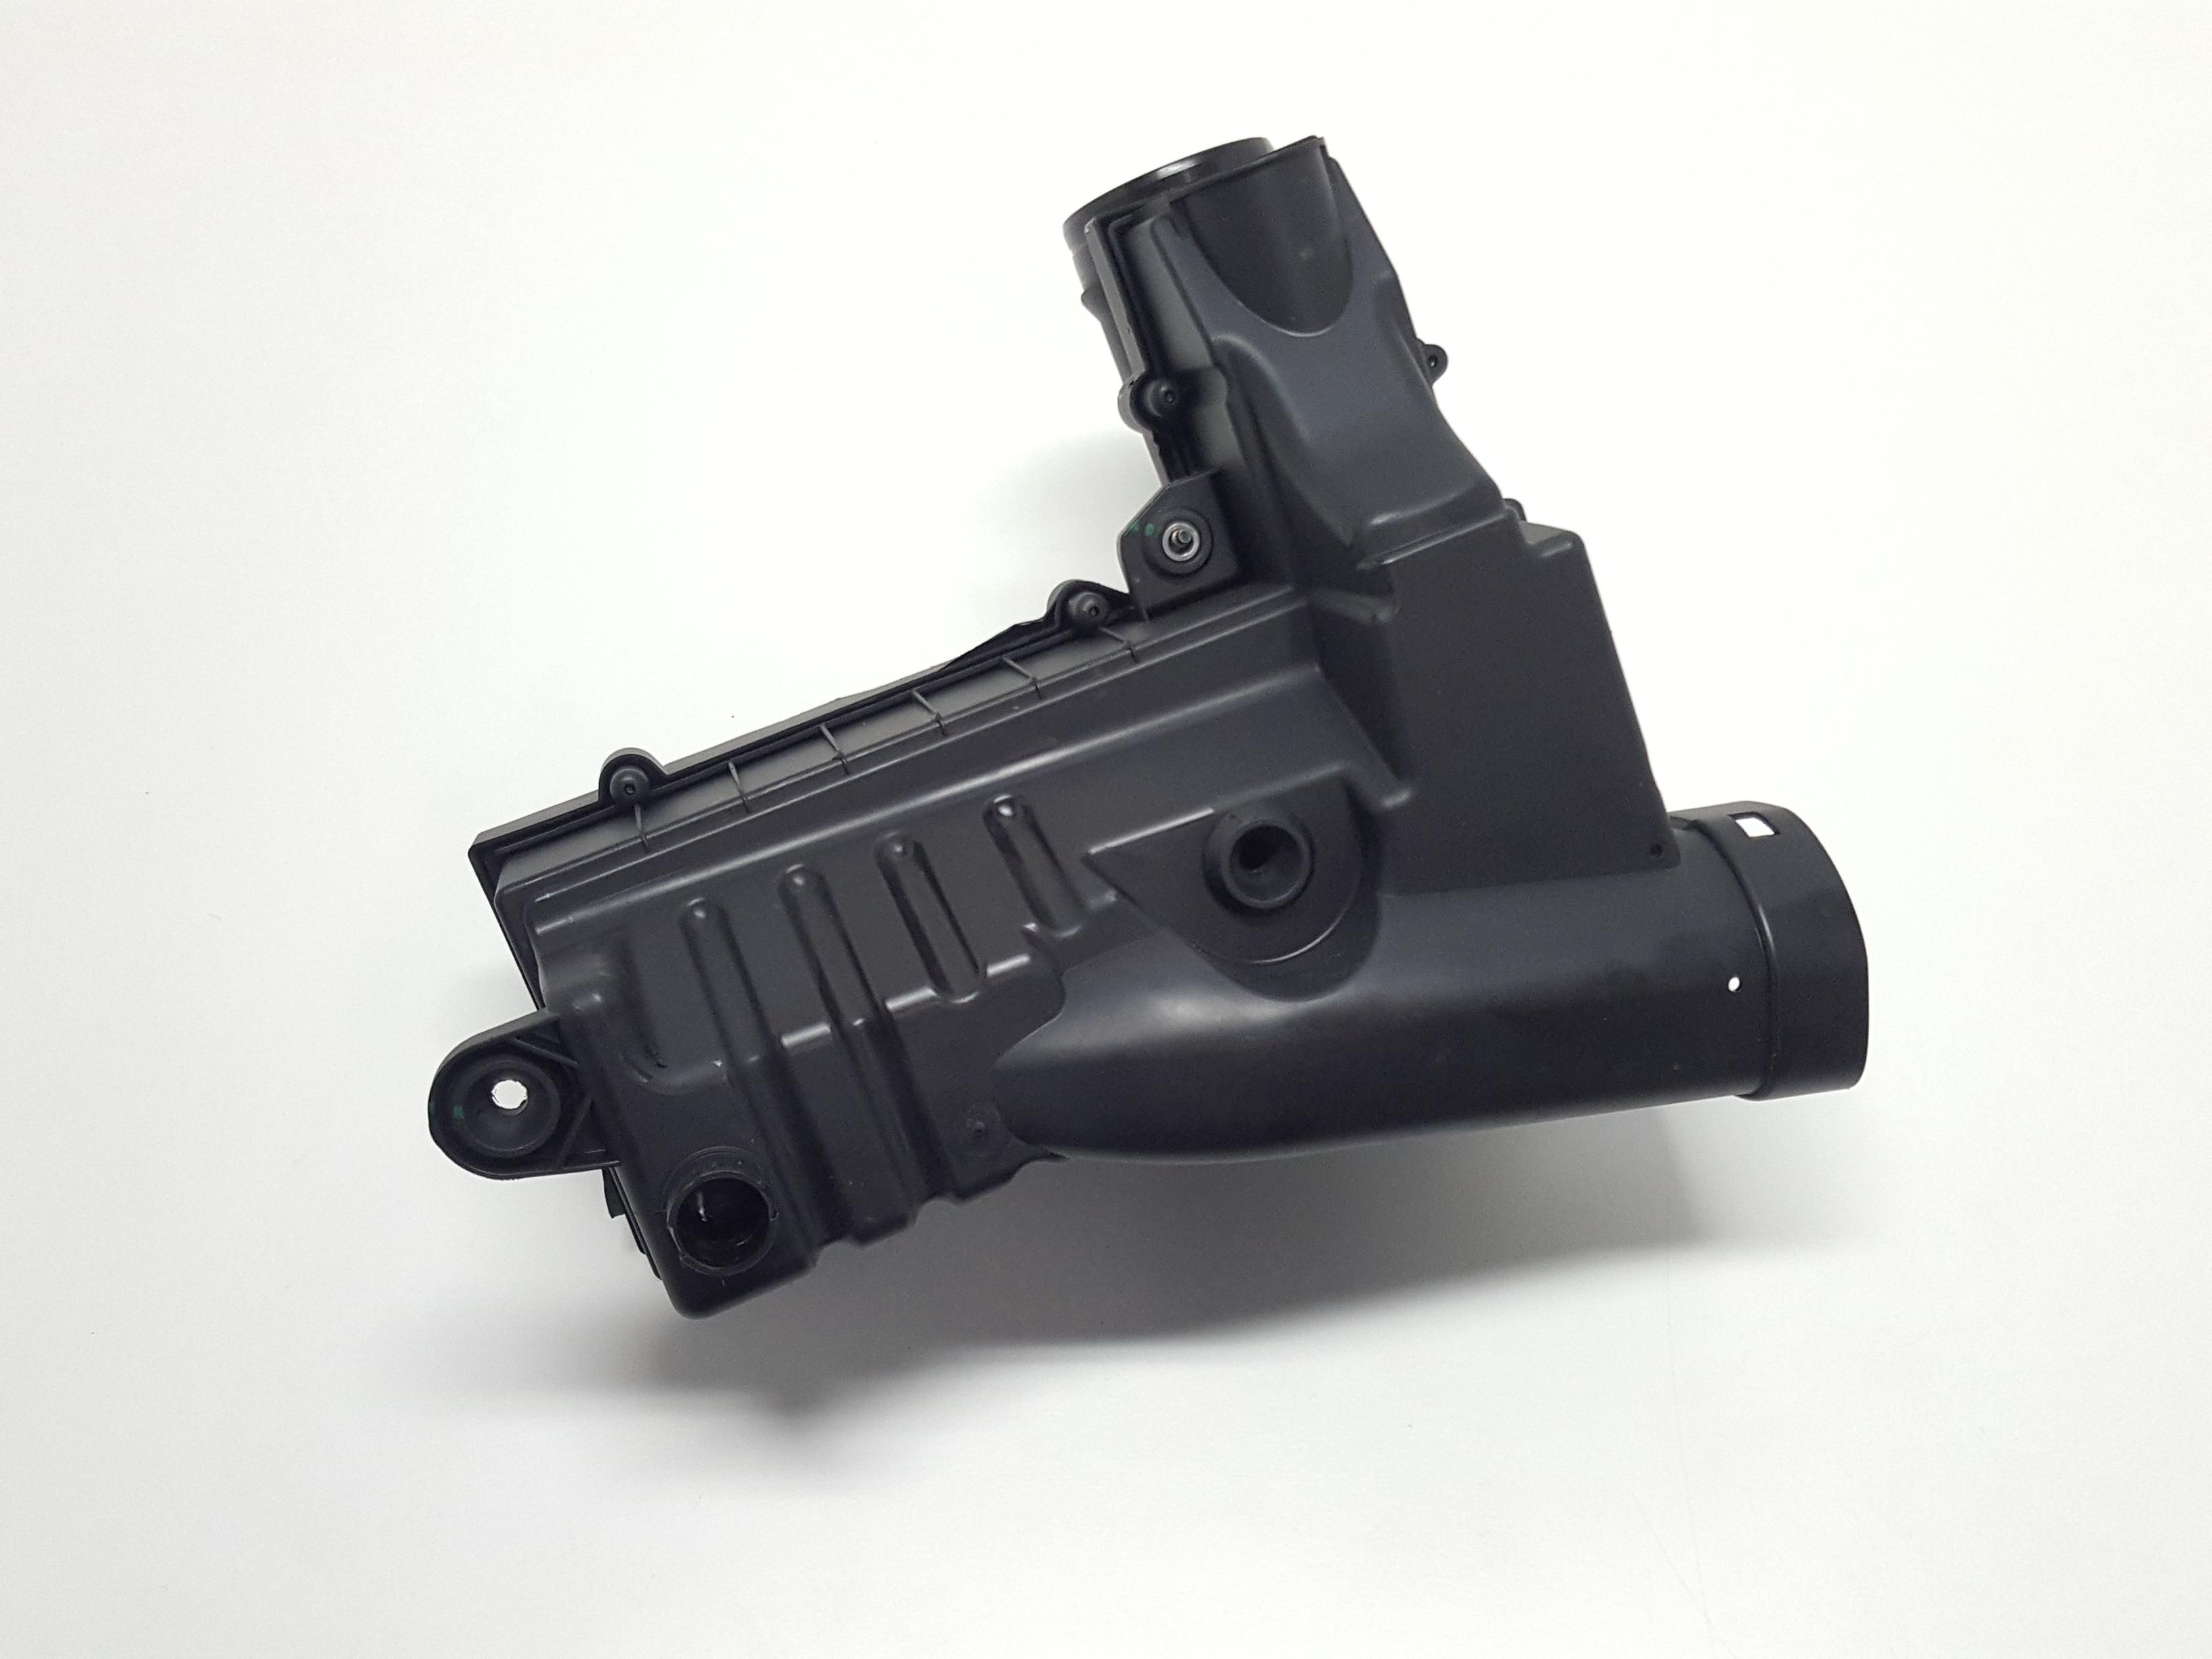 Original 2.0 TDI VW AUDI SEAT SKODA filtro de aire recuadro 3c0129607bc 3c0129607as nuevo